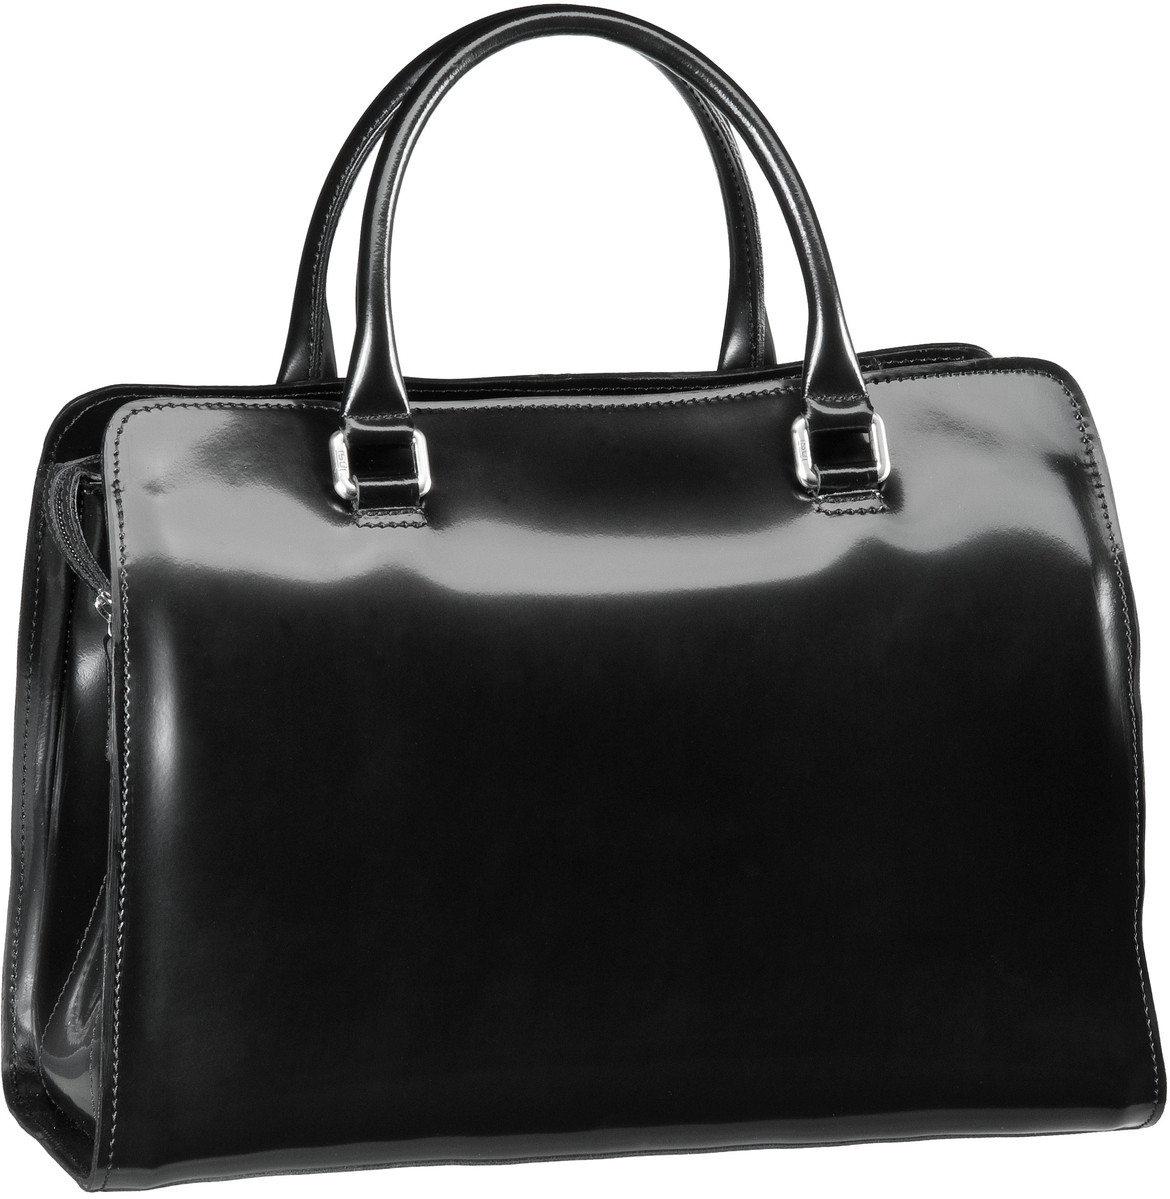 Jost Handtasche Sirius 1333 Bowling Bag Schwarz - Bowling Bag, Handtaschen